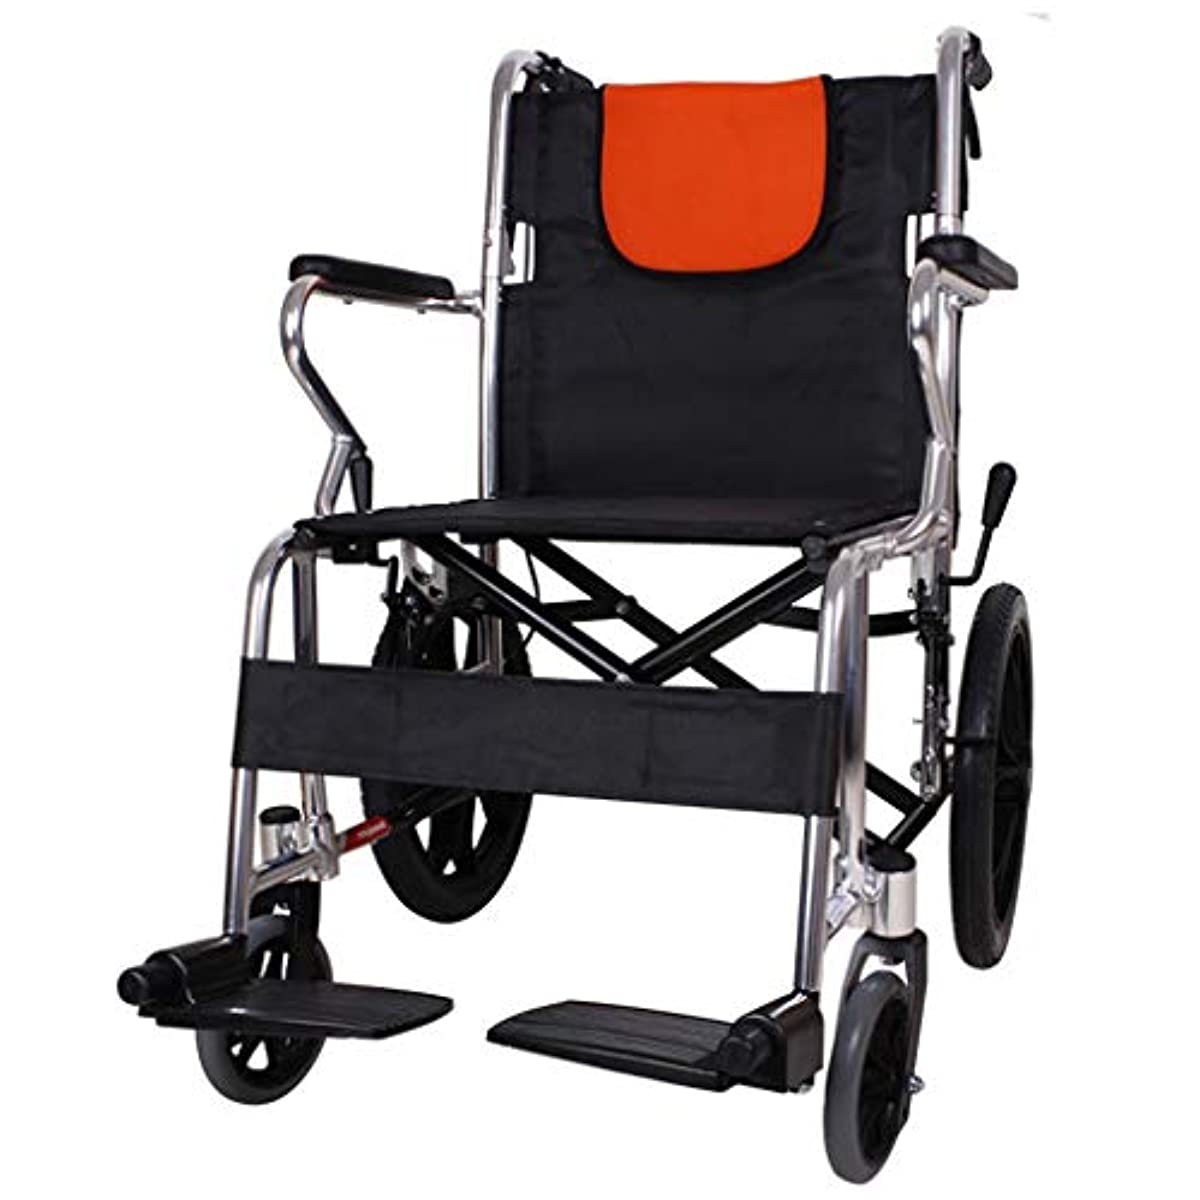 解き明かす世界の窓買うハンドプッシュ車椅子、折りたたみ式、手動プッシュ式歩行装置、成人および障害者用アルミニウム旅行スクーターに適しています